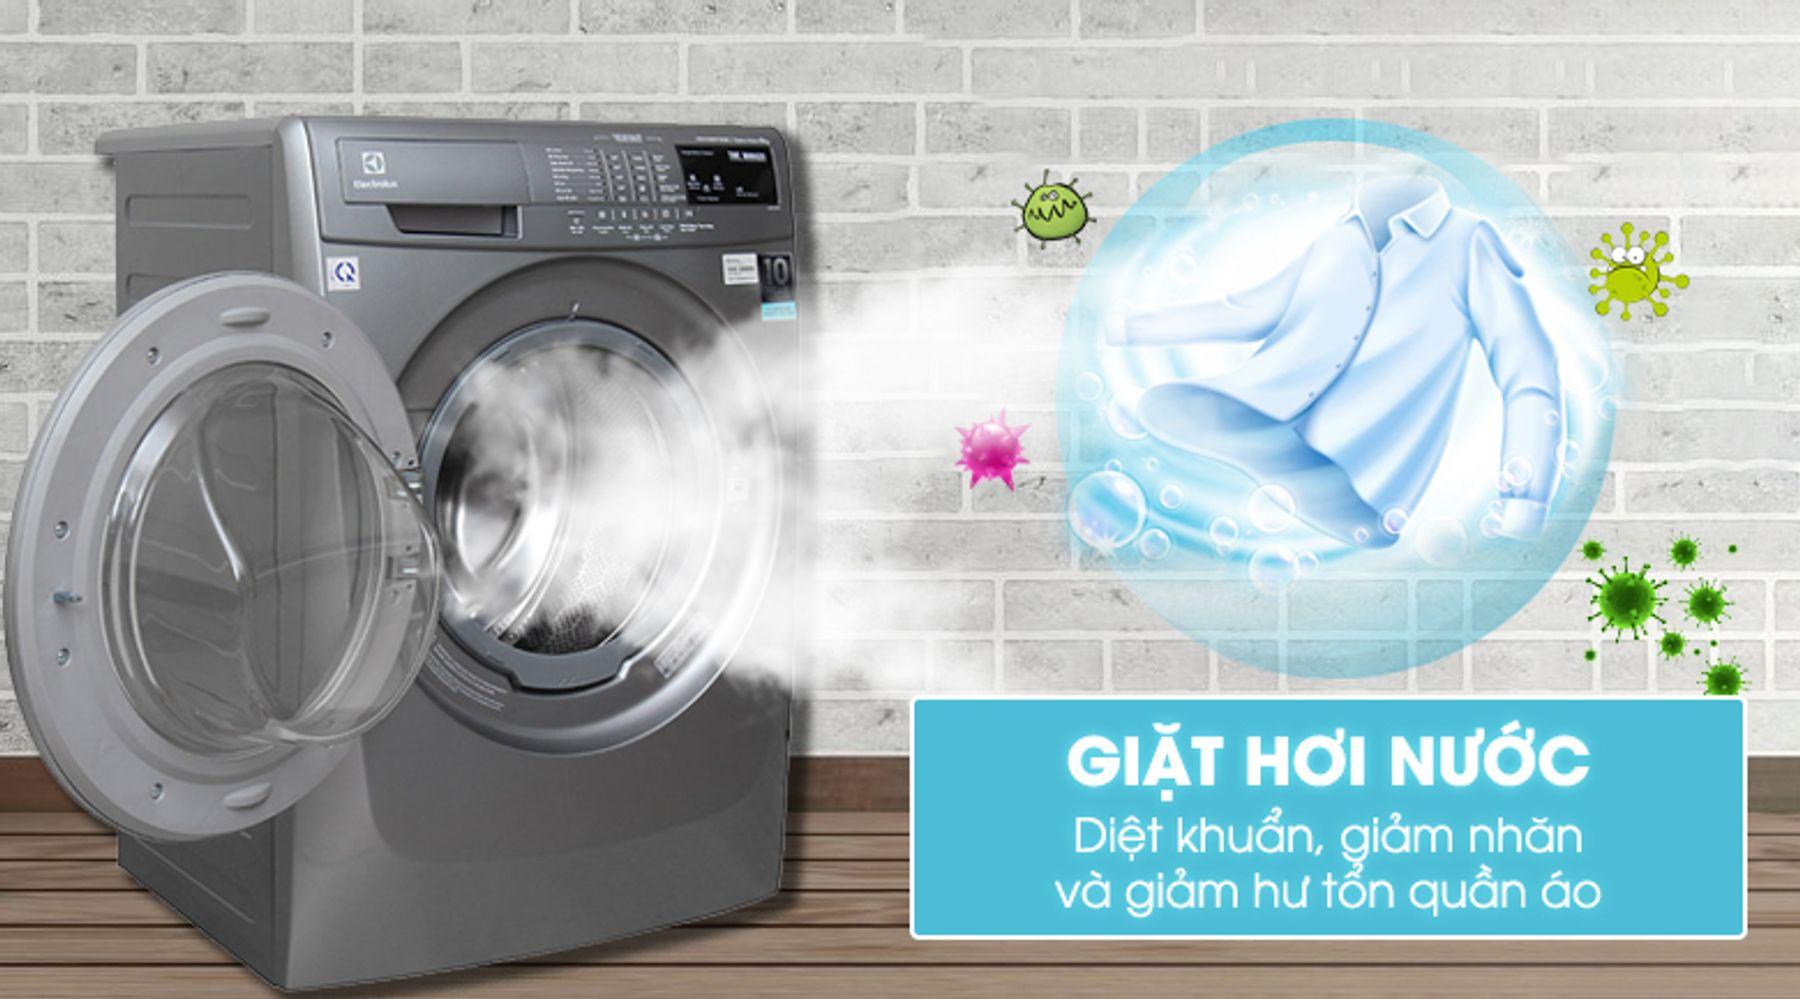 Giặt đồ bằng nước nóng, hơi nước là cách làm khô quần áo nhanh